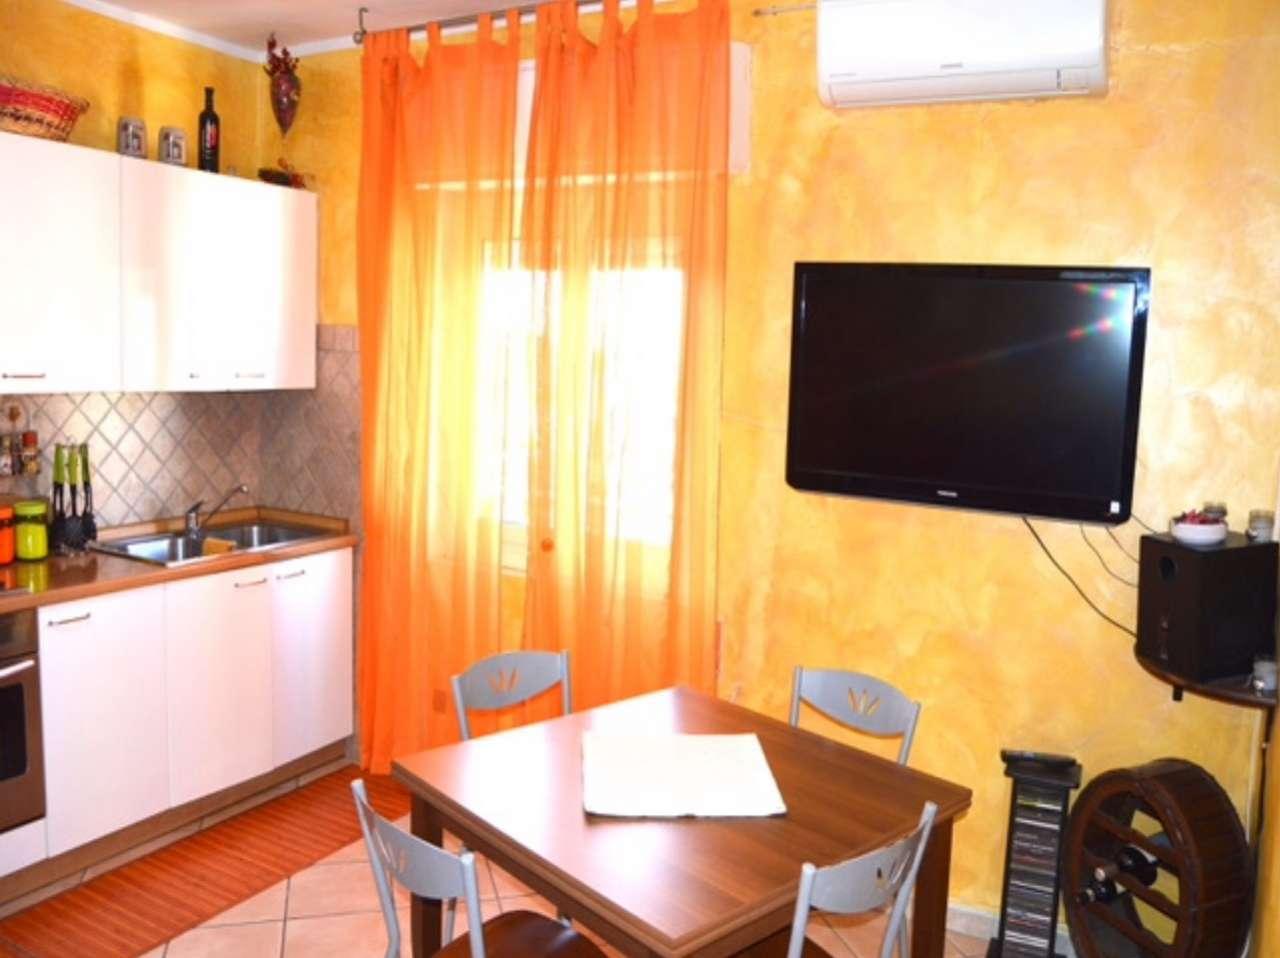 Attico / Mansarda in vendita a Sassari, 3 locali, prezzo € 116.000 | Cambio Casa.it